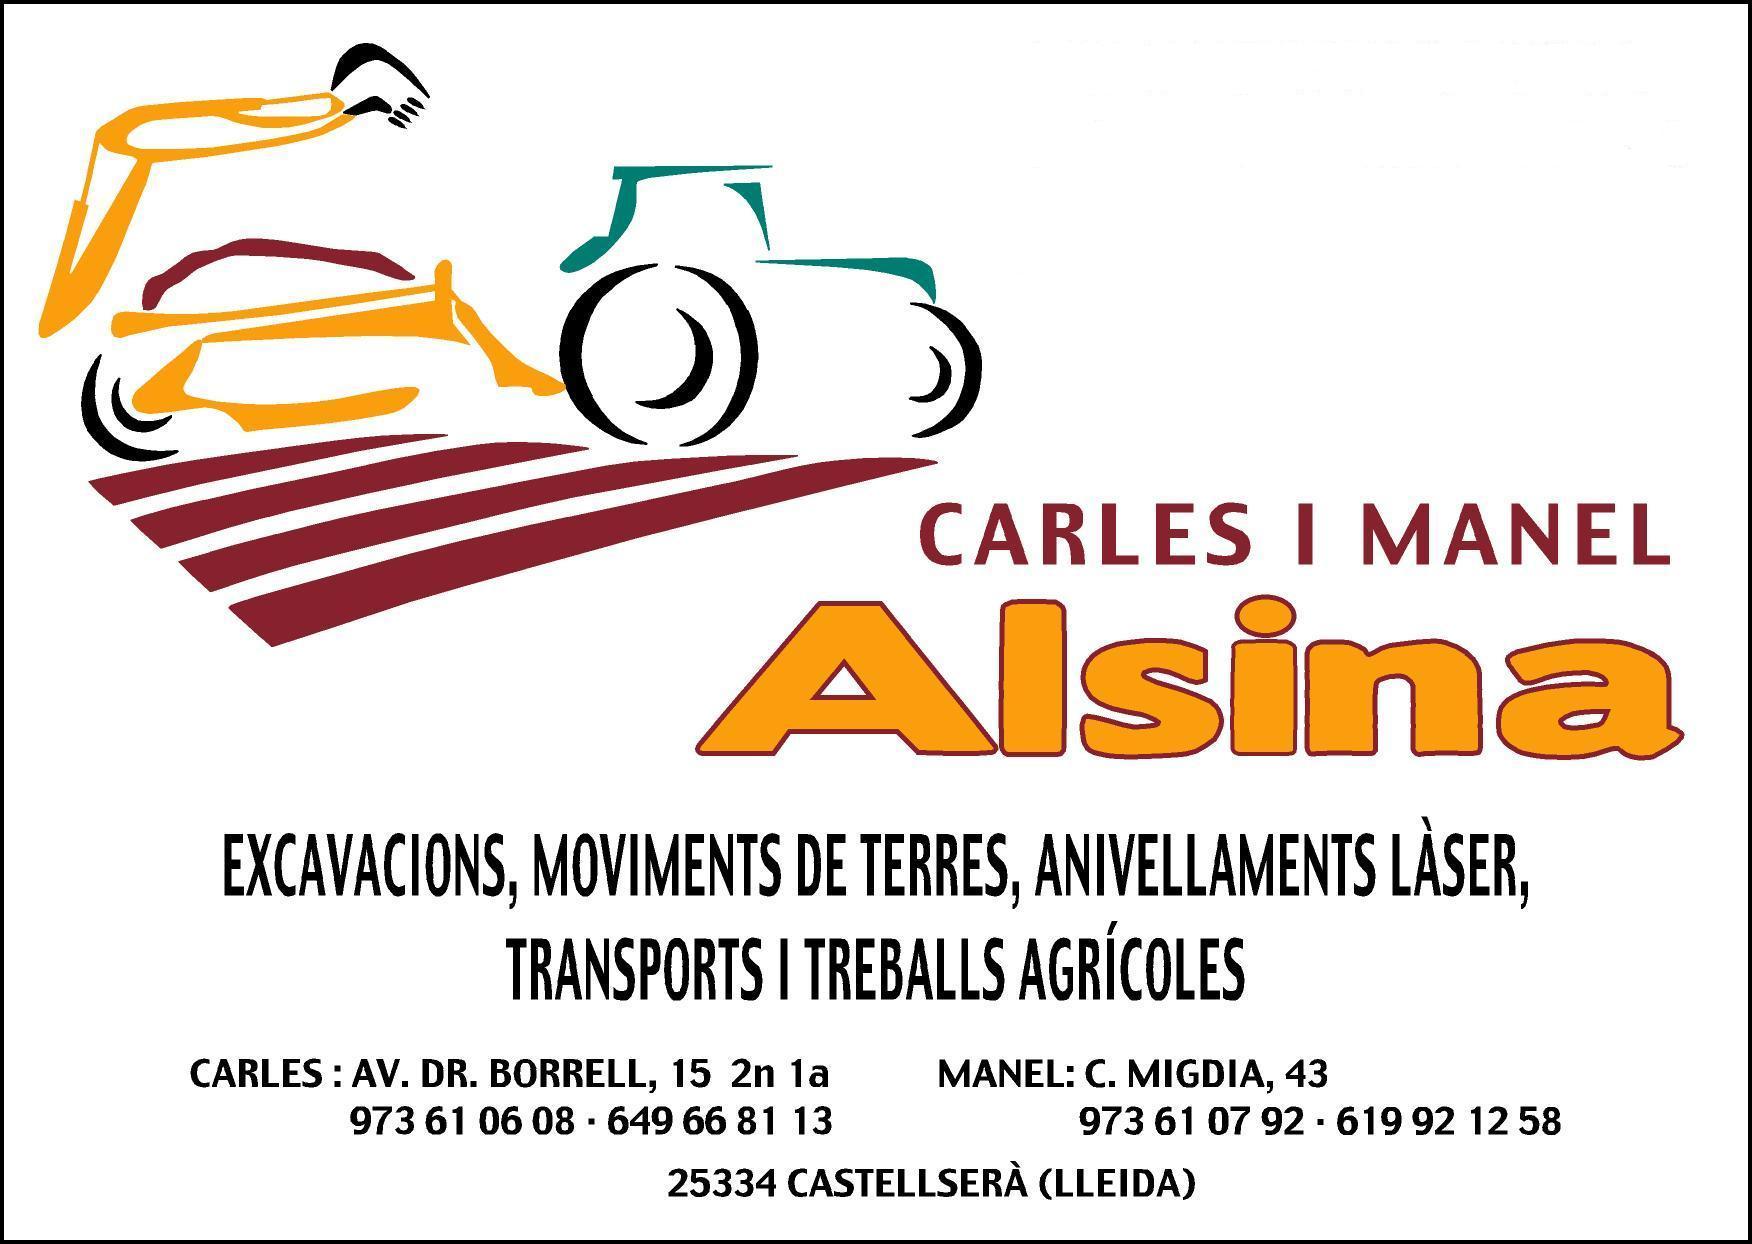 Excavacions Carles i Manel Alsina